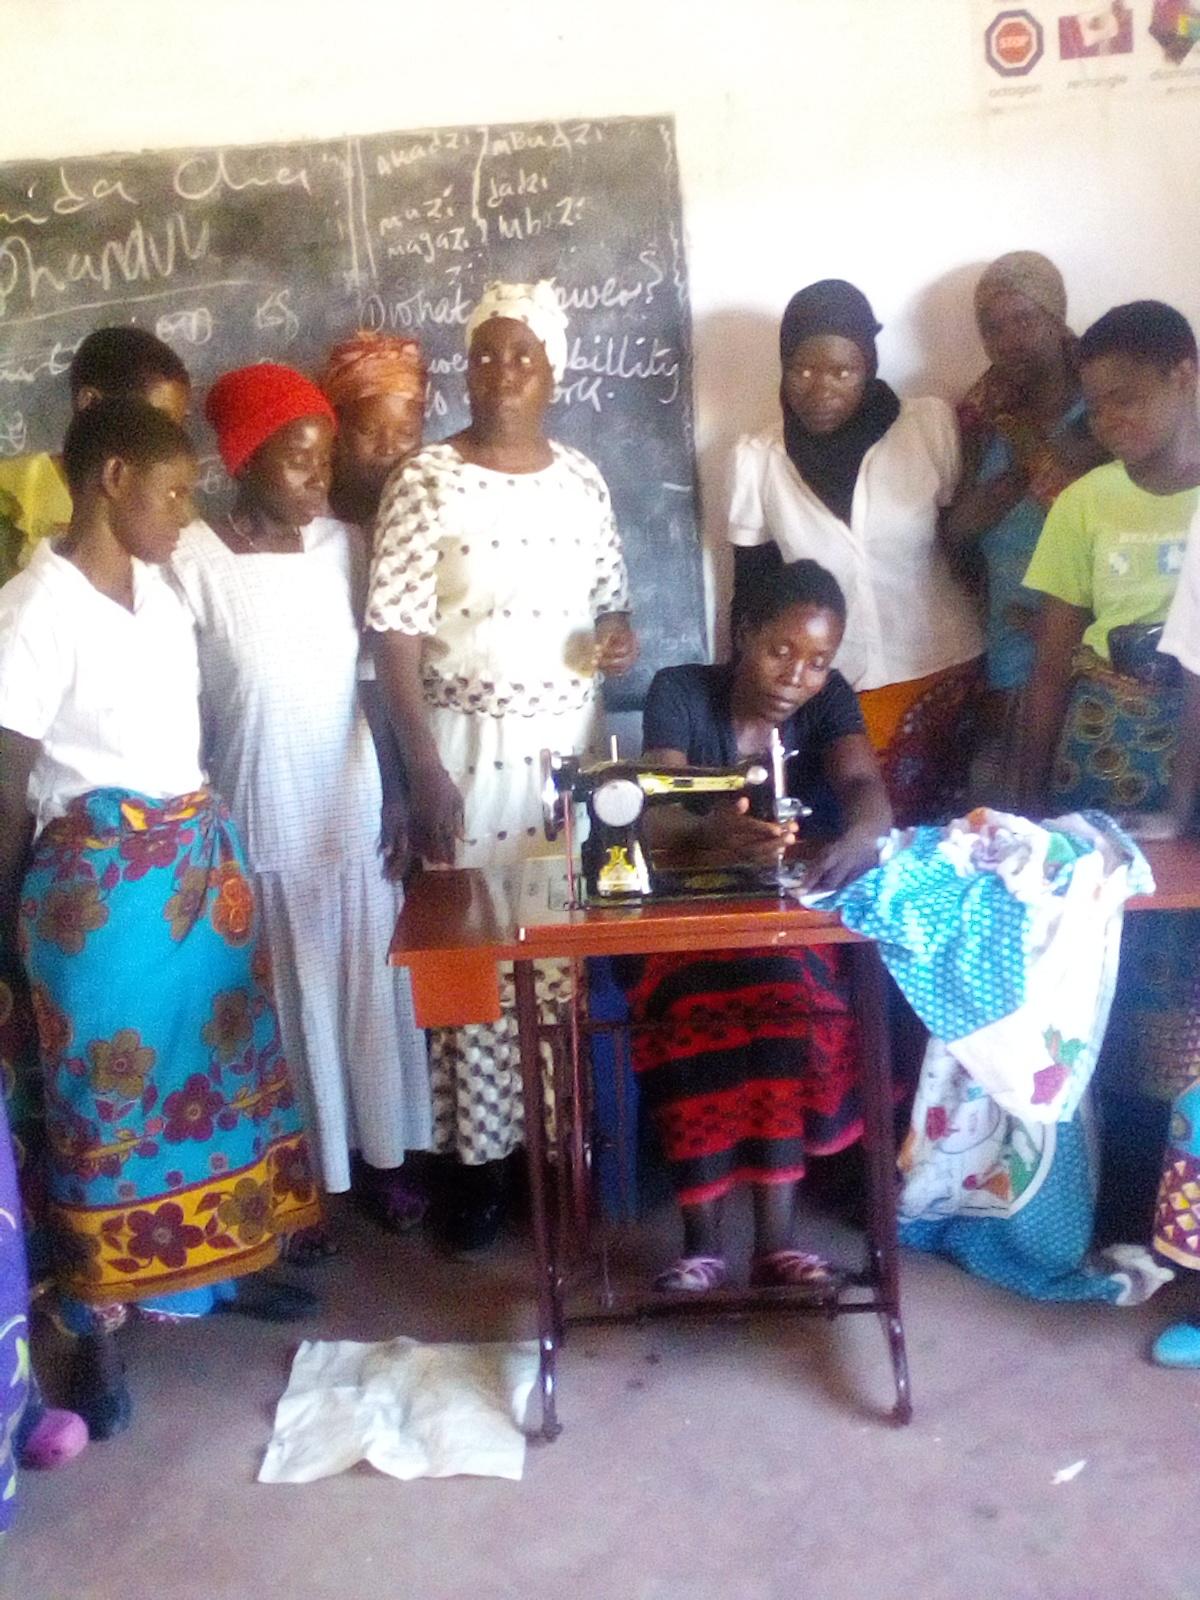 Blog Photo - Kamala-Jean -- Woman sews and others watch2